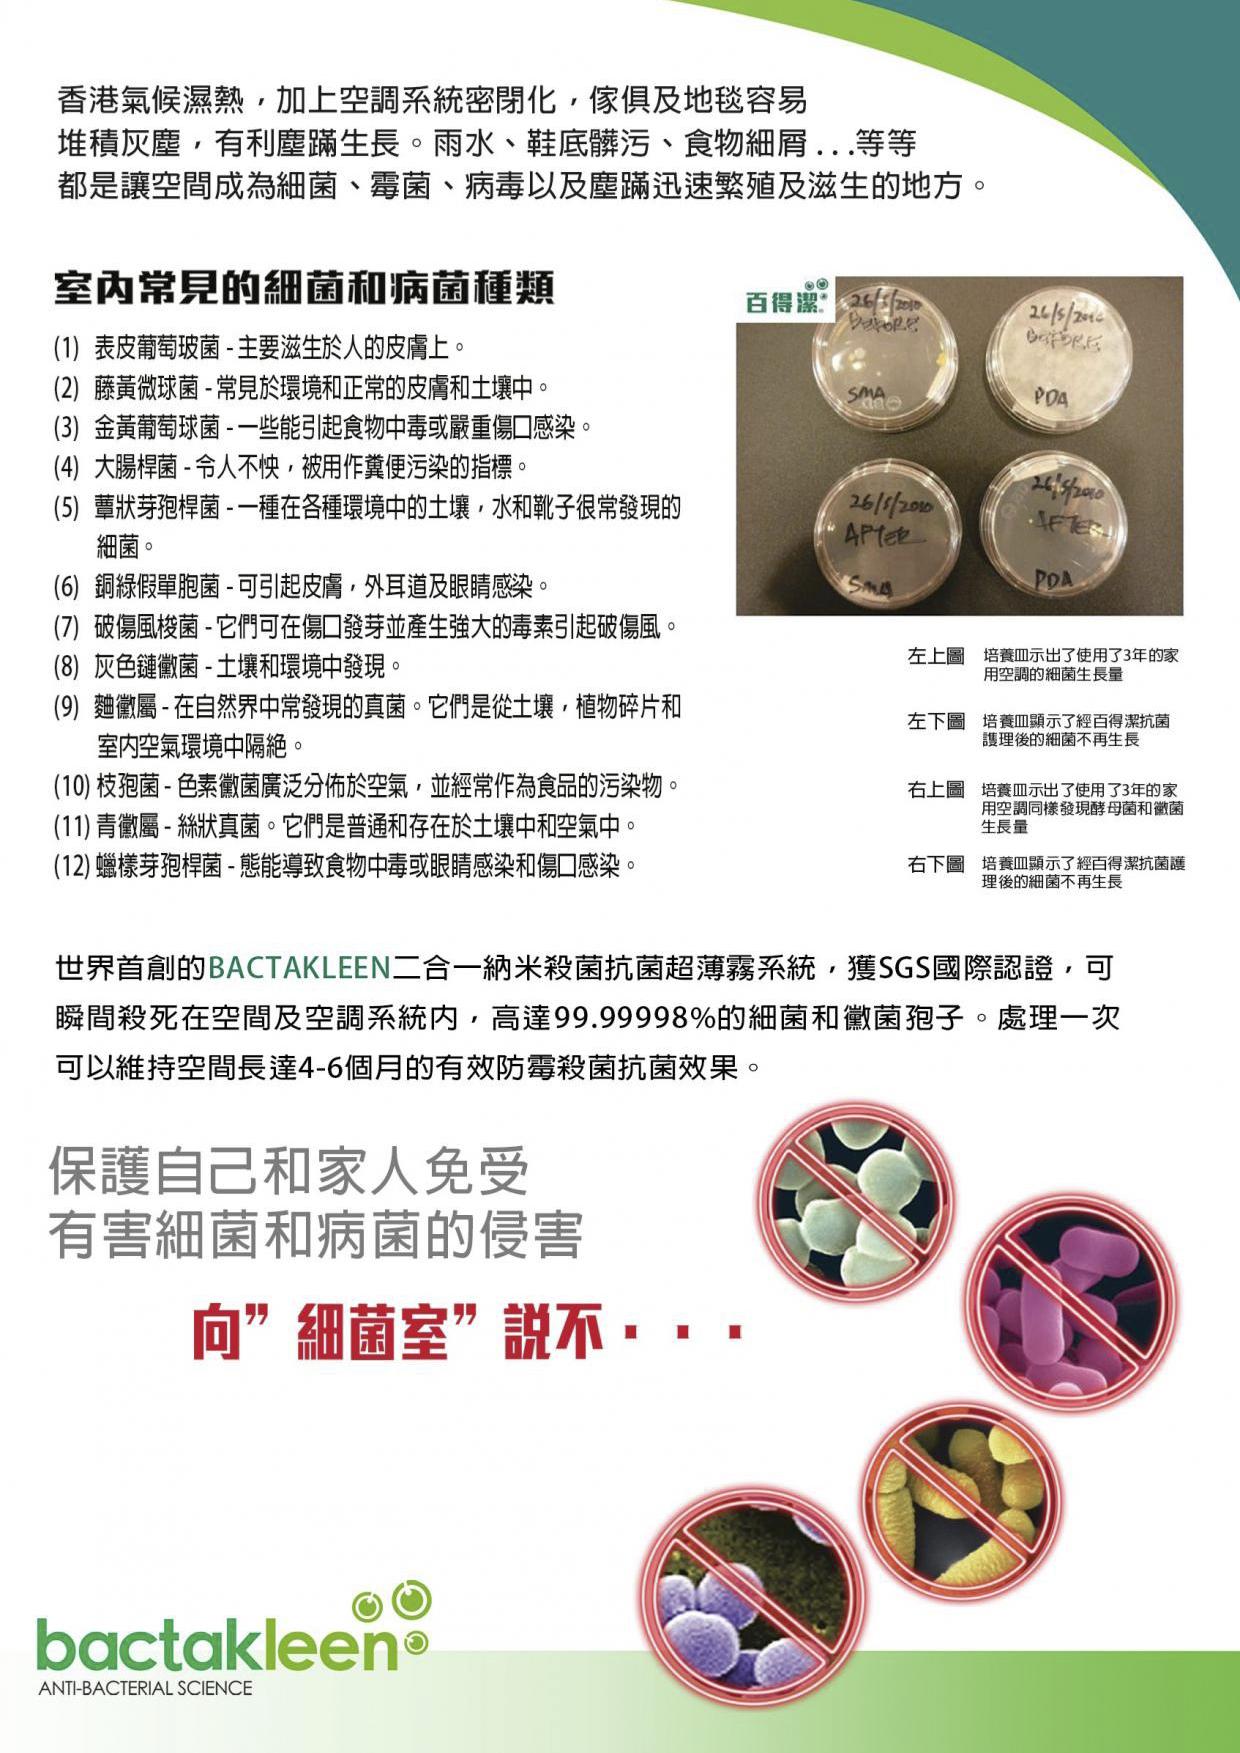 Bactakleen Leaflet p2